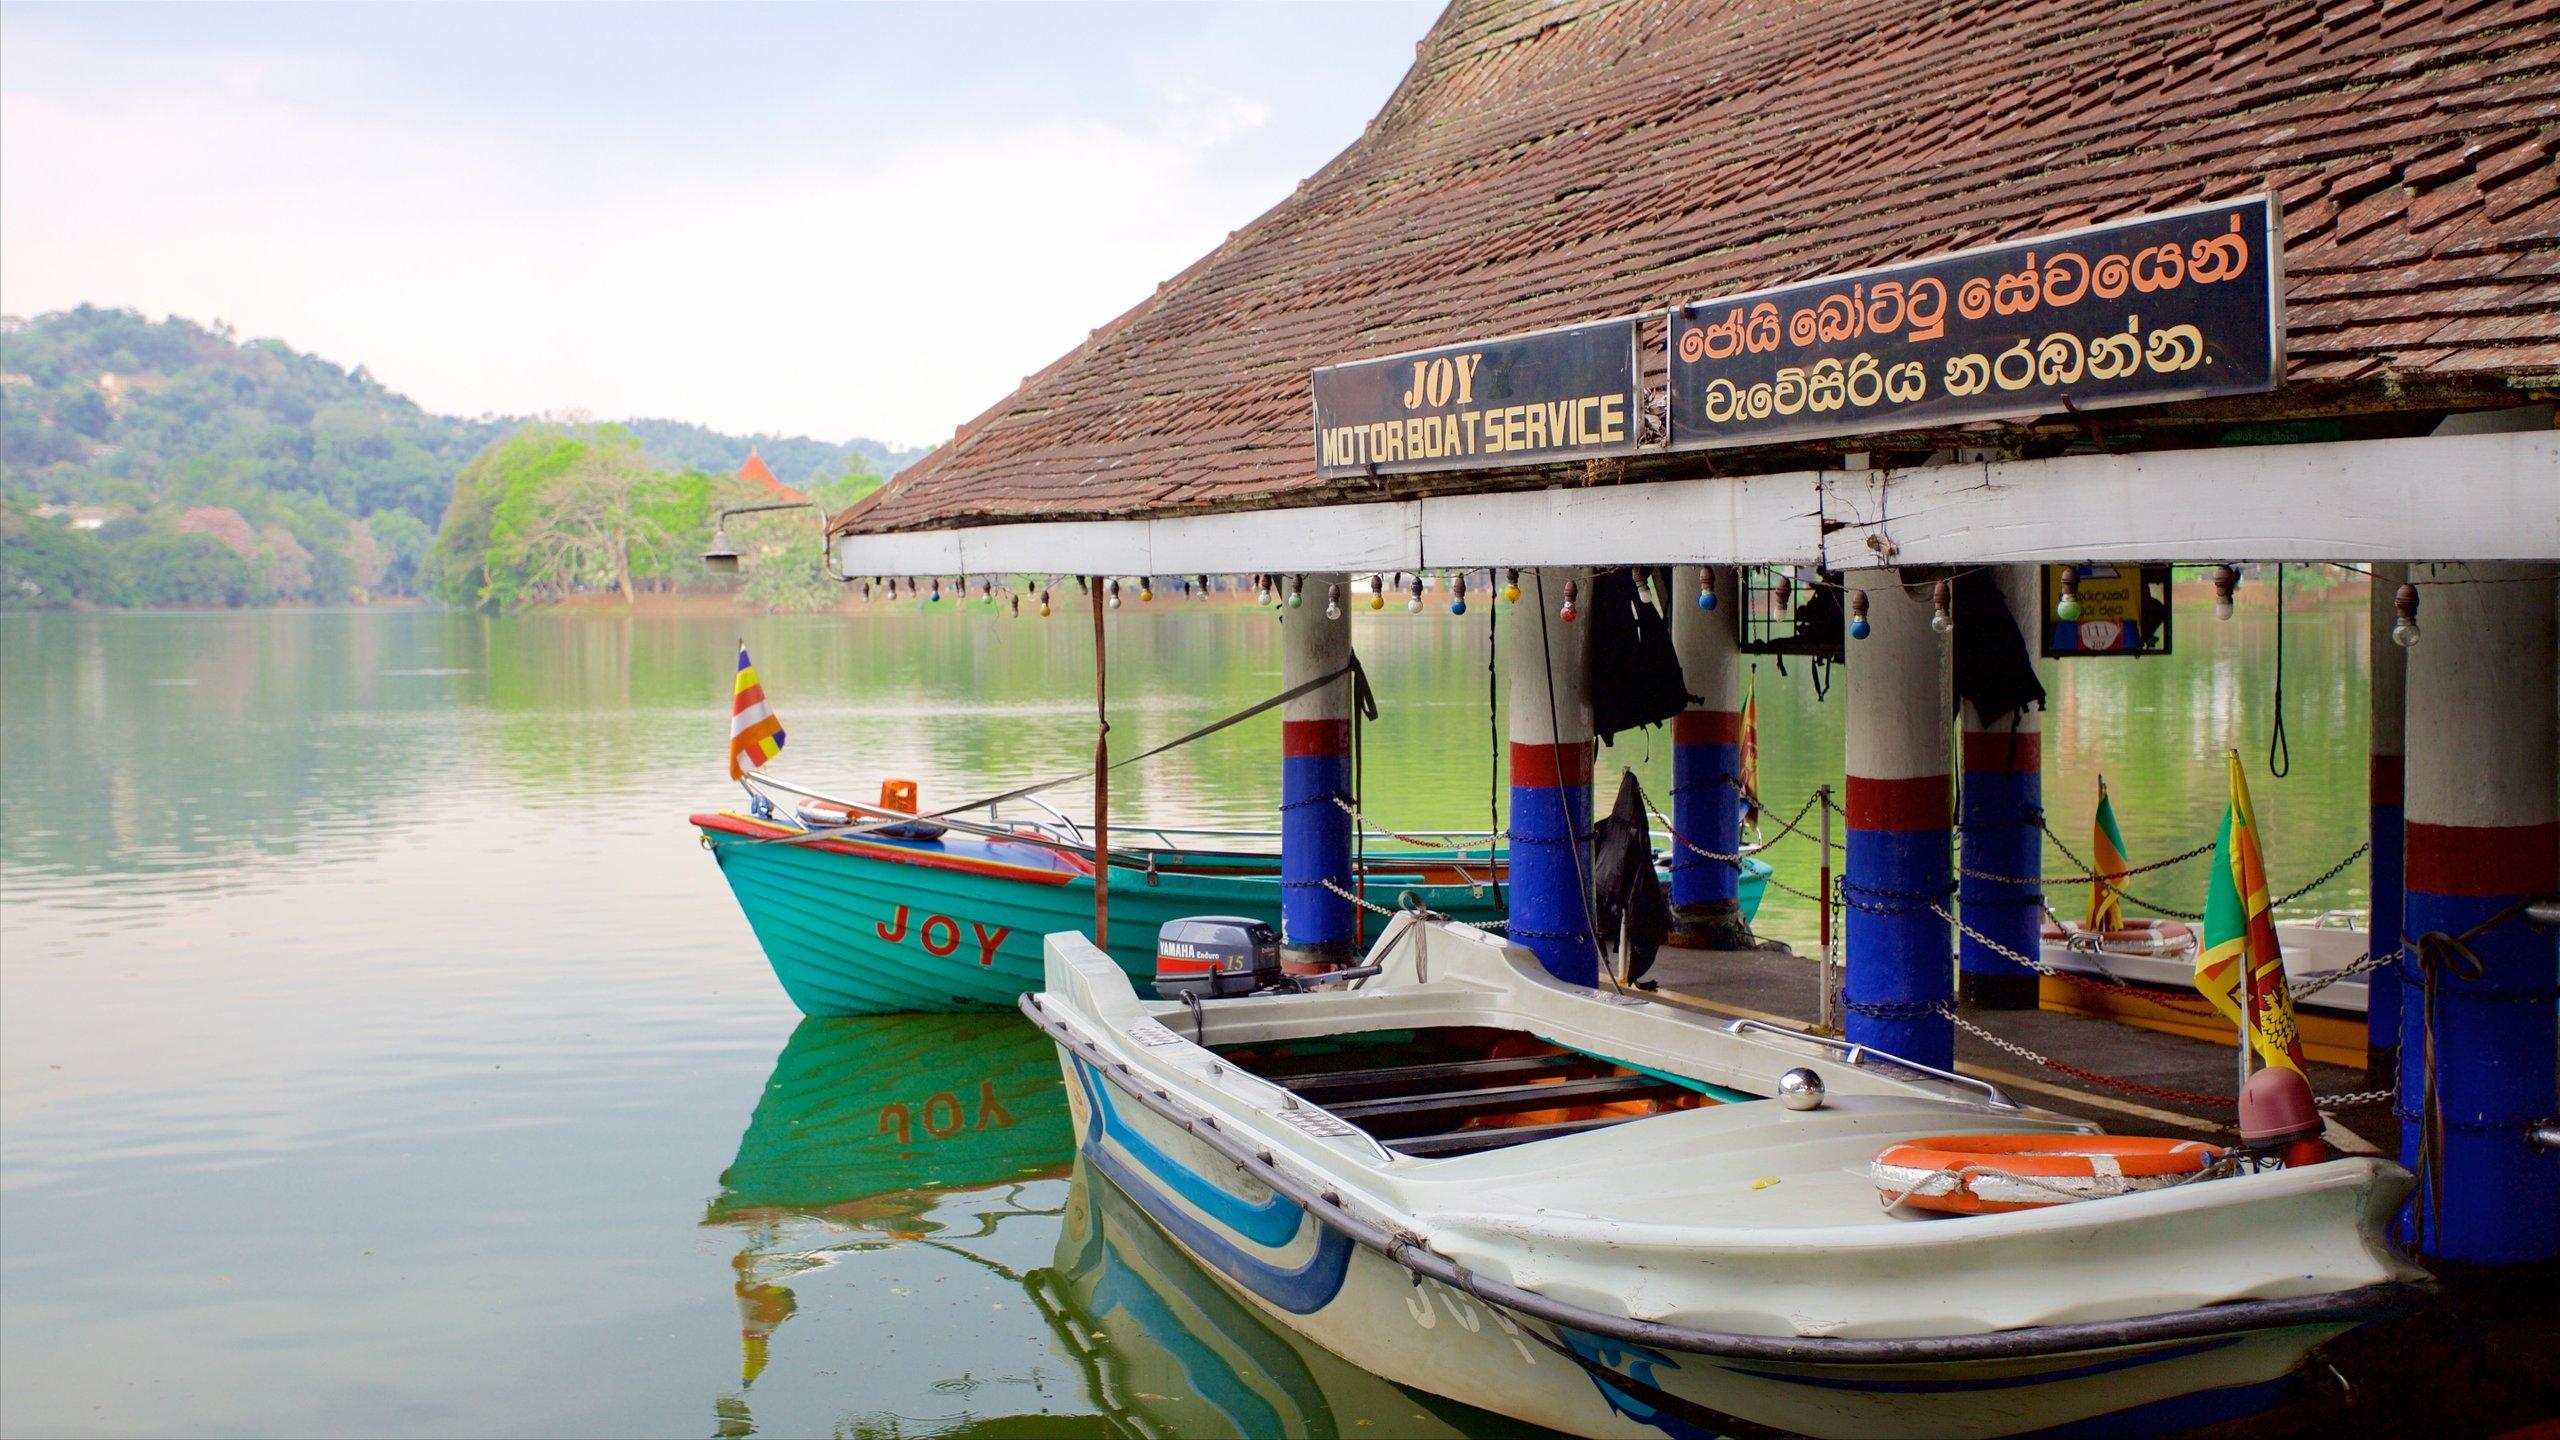 Kandy District, Central Province, Sri Lanka